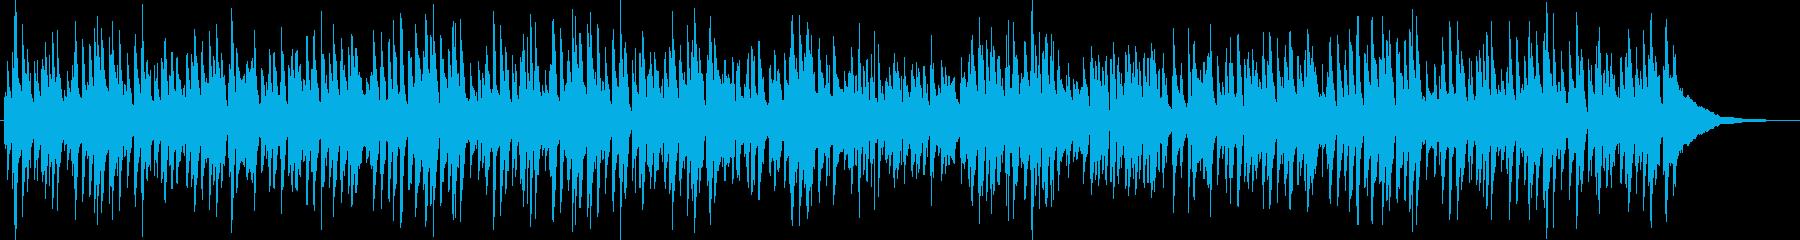 ピアノとギターのまったりボサノバの再生済みの波形